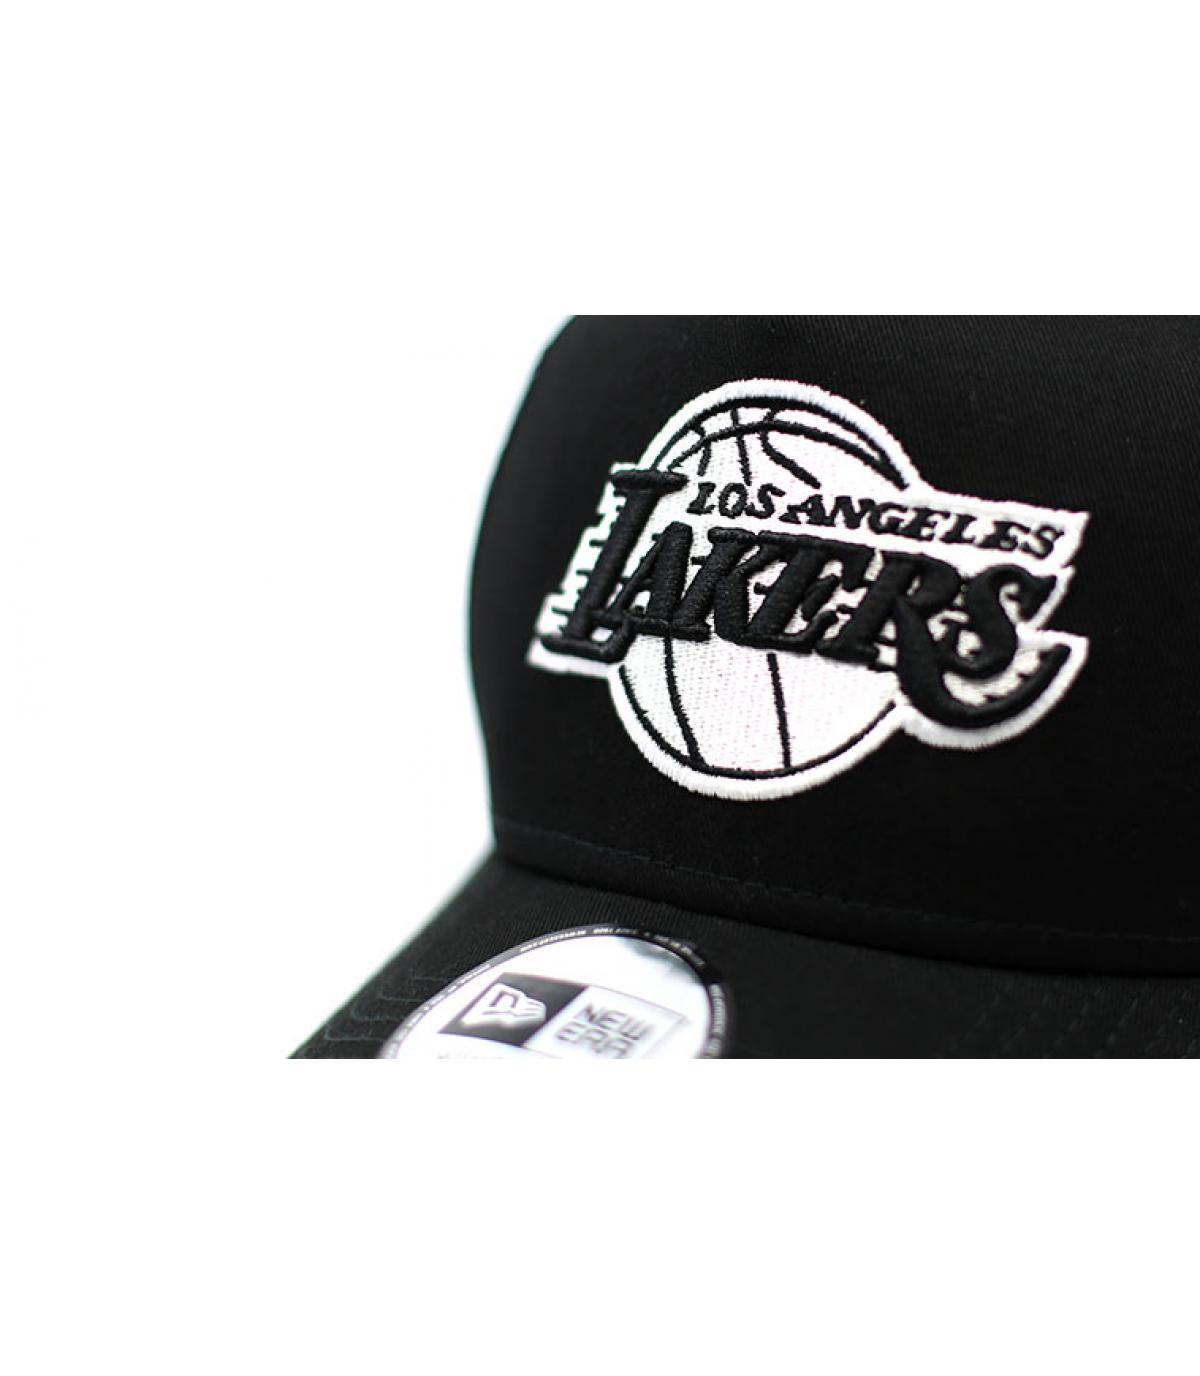 Details Trucker NBA Ess Lakers black - afbeeling 3